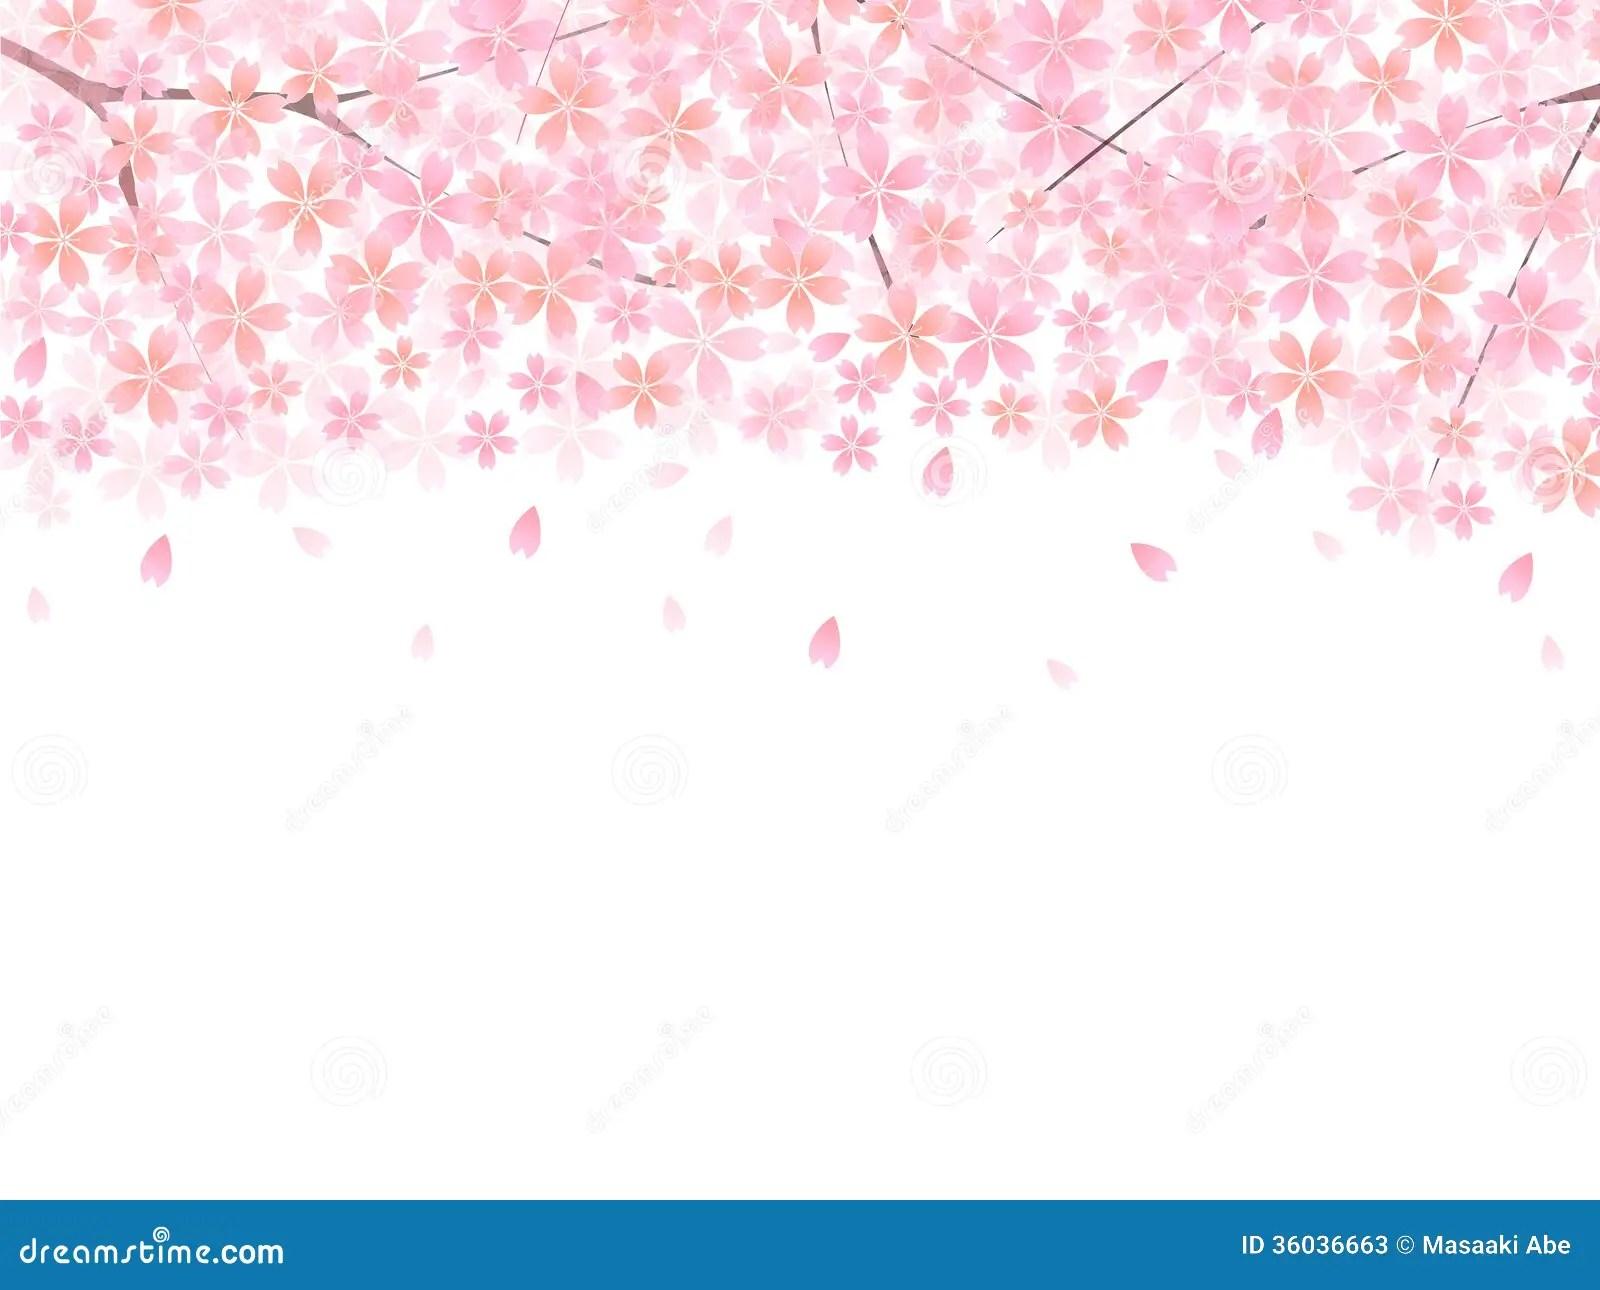 Rose Petals Falling Wallpaper Sakura Sakura Spring Stock Vector Illustration Of Plant